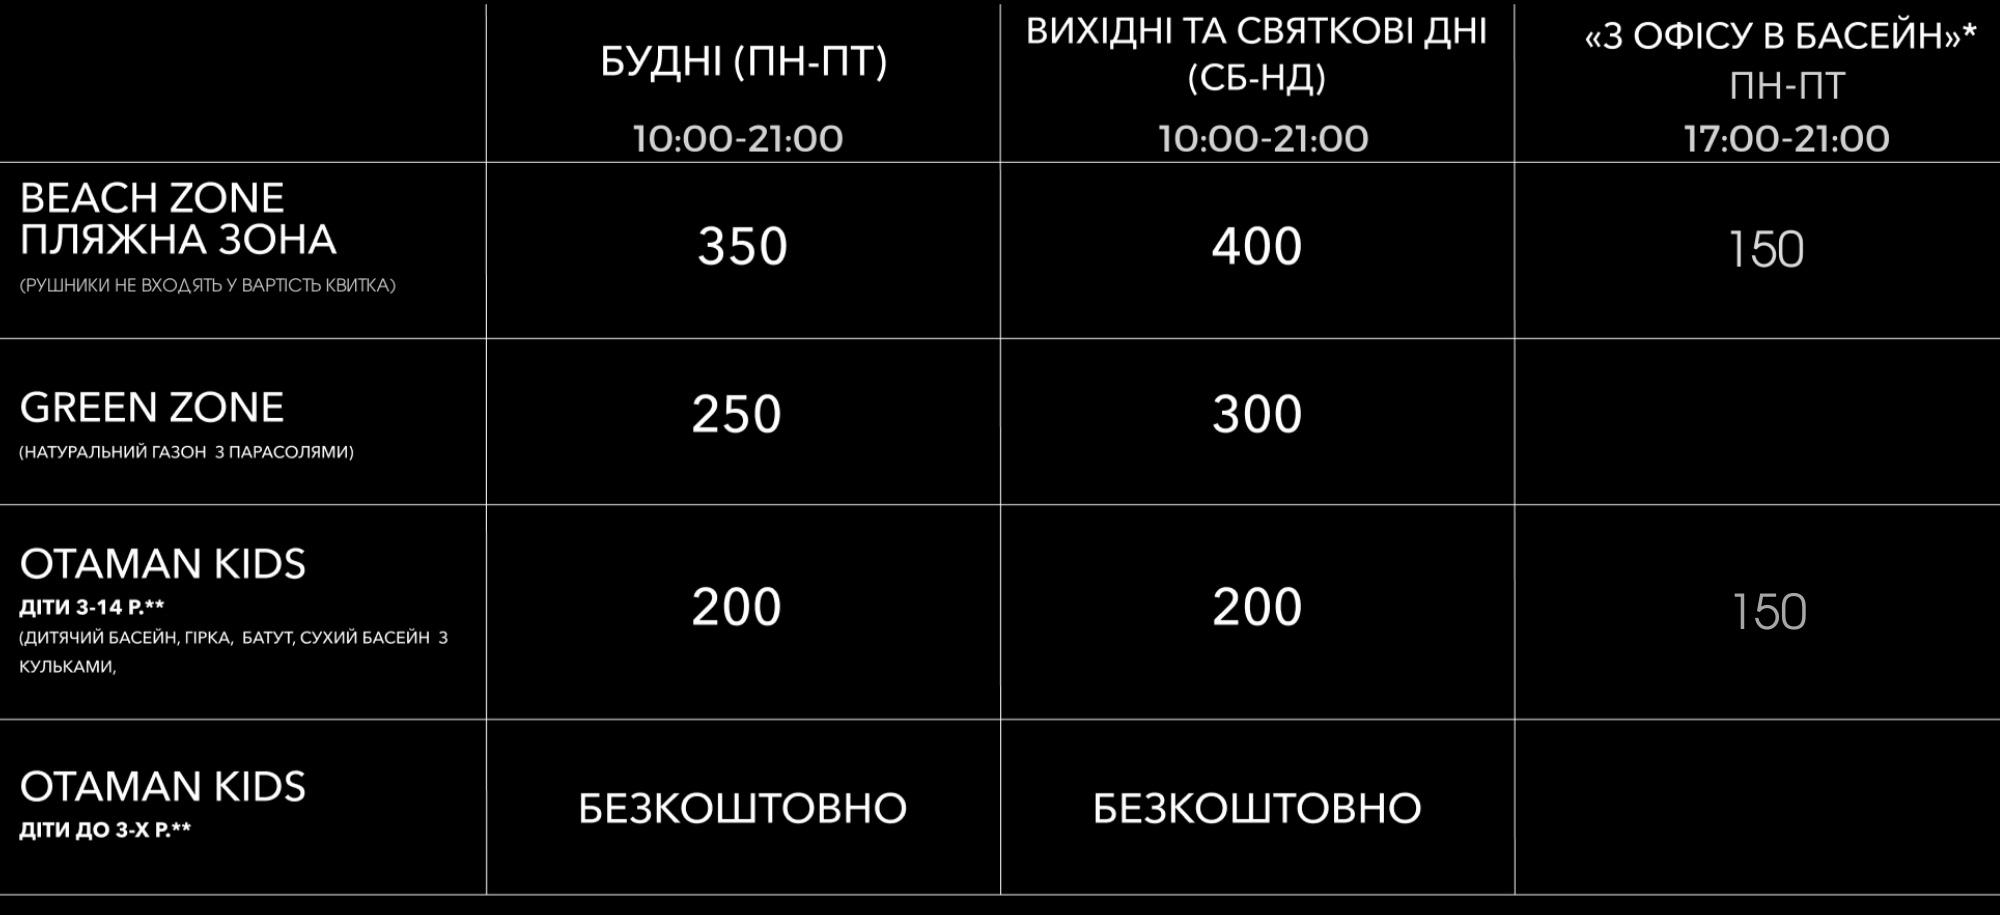 ціни Отаман басейн 2021